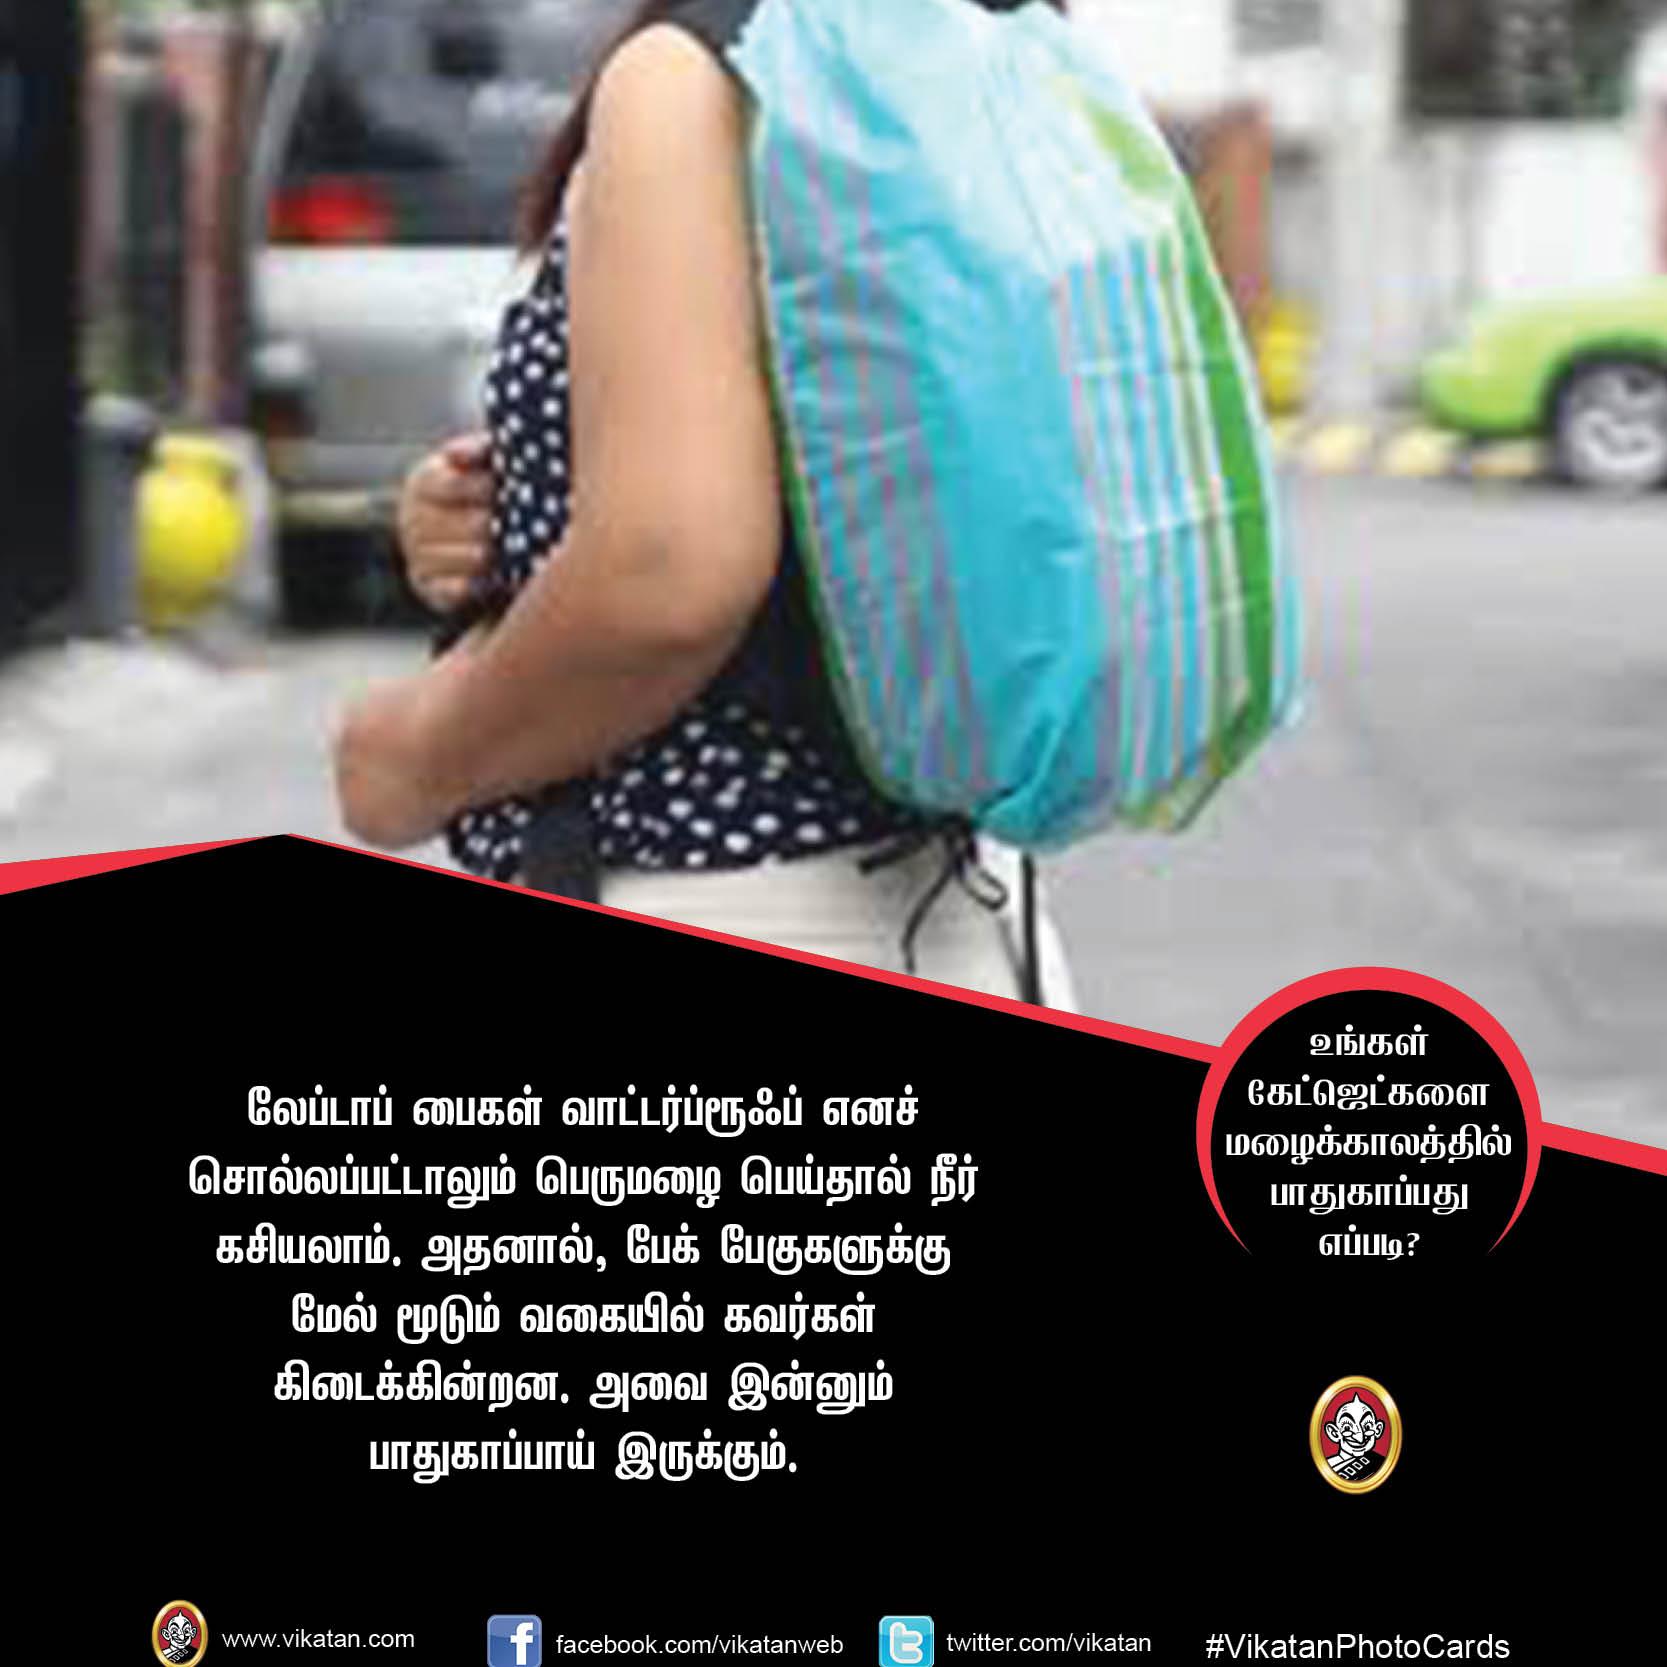 மொபைல் முதல் கணினி வரை  கேட்ஜெட்களை மழைக்காலத்தில் பாதுகாப்பது எப்படி? #VikatanPhotoCards